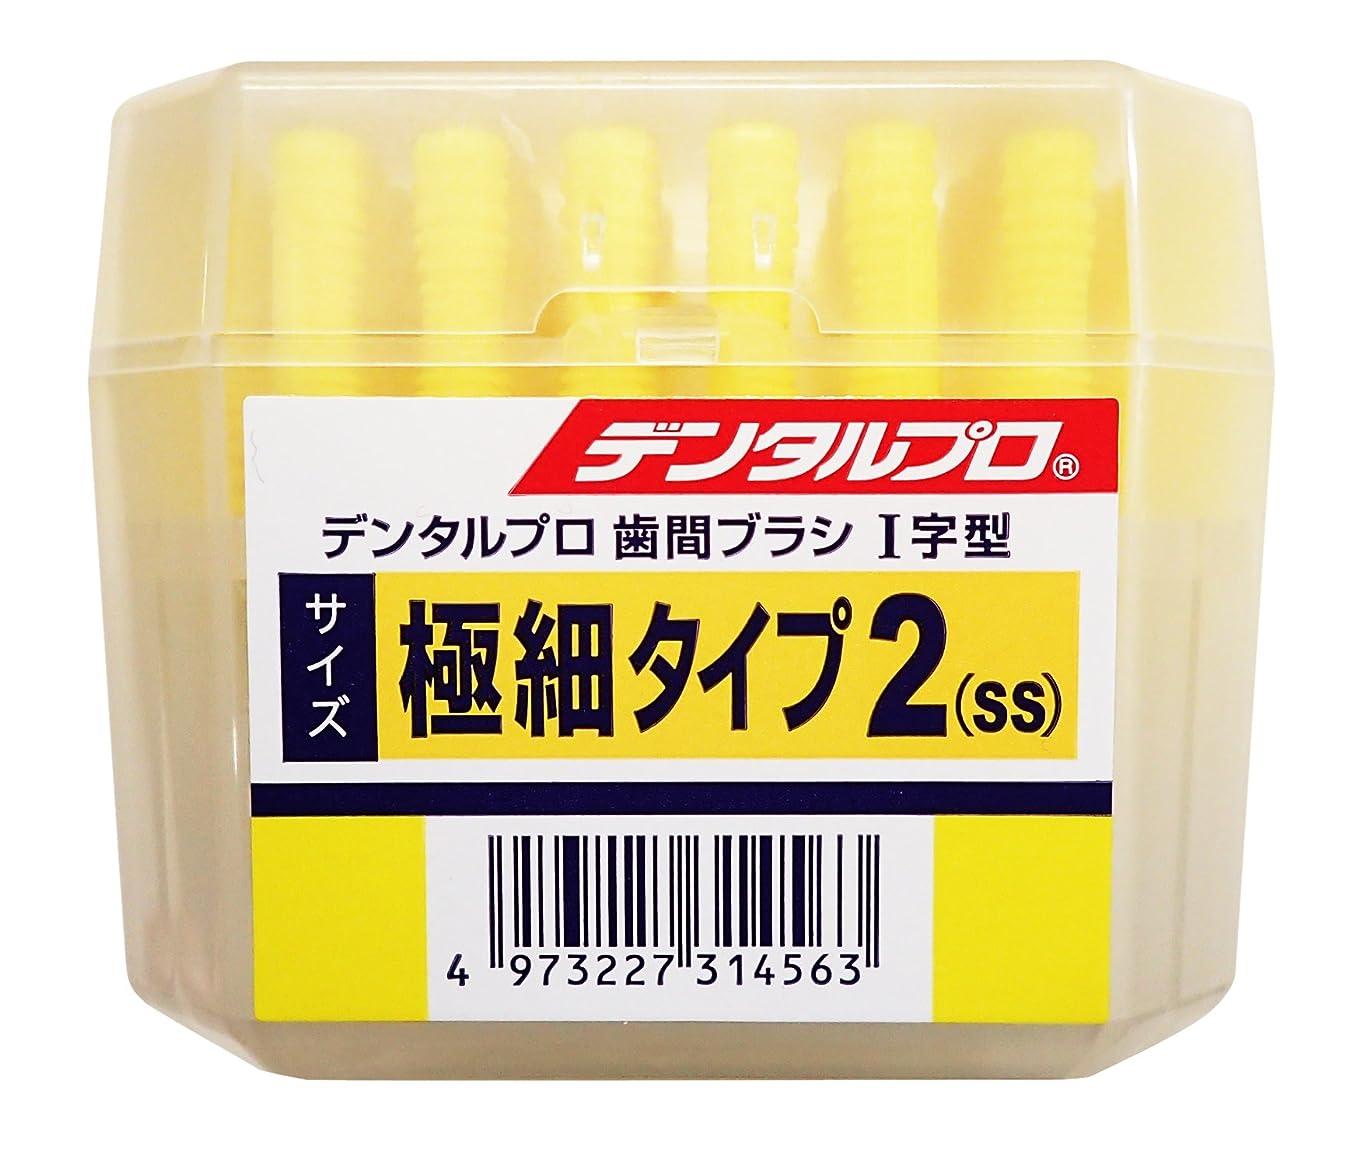 人柄ファイバ定刻デンタルプロ 歯間ブラシ I字型 極細タイプ サイズ2(SS) 50本入